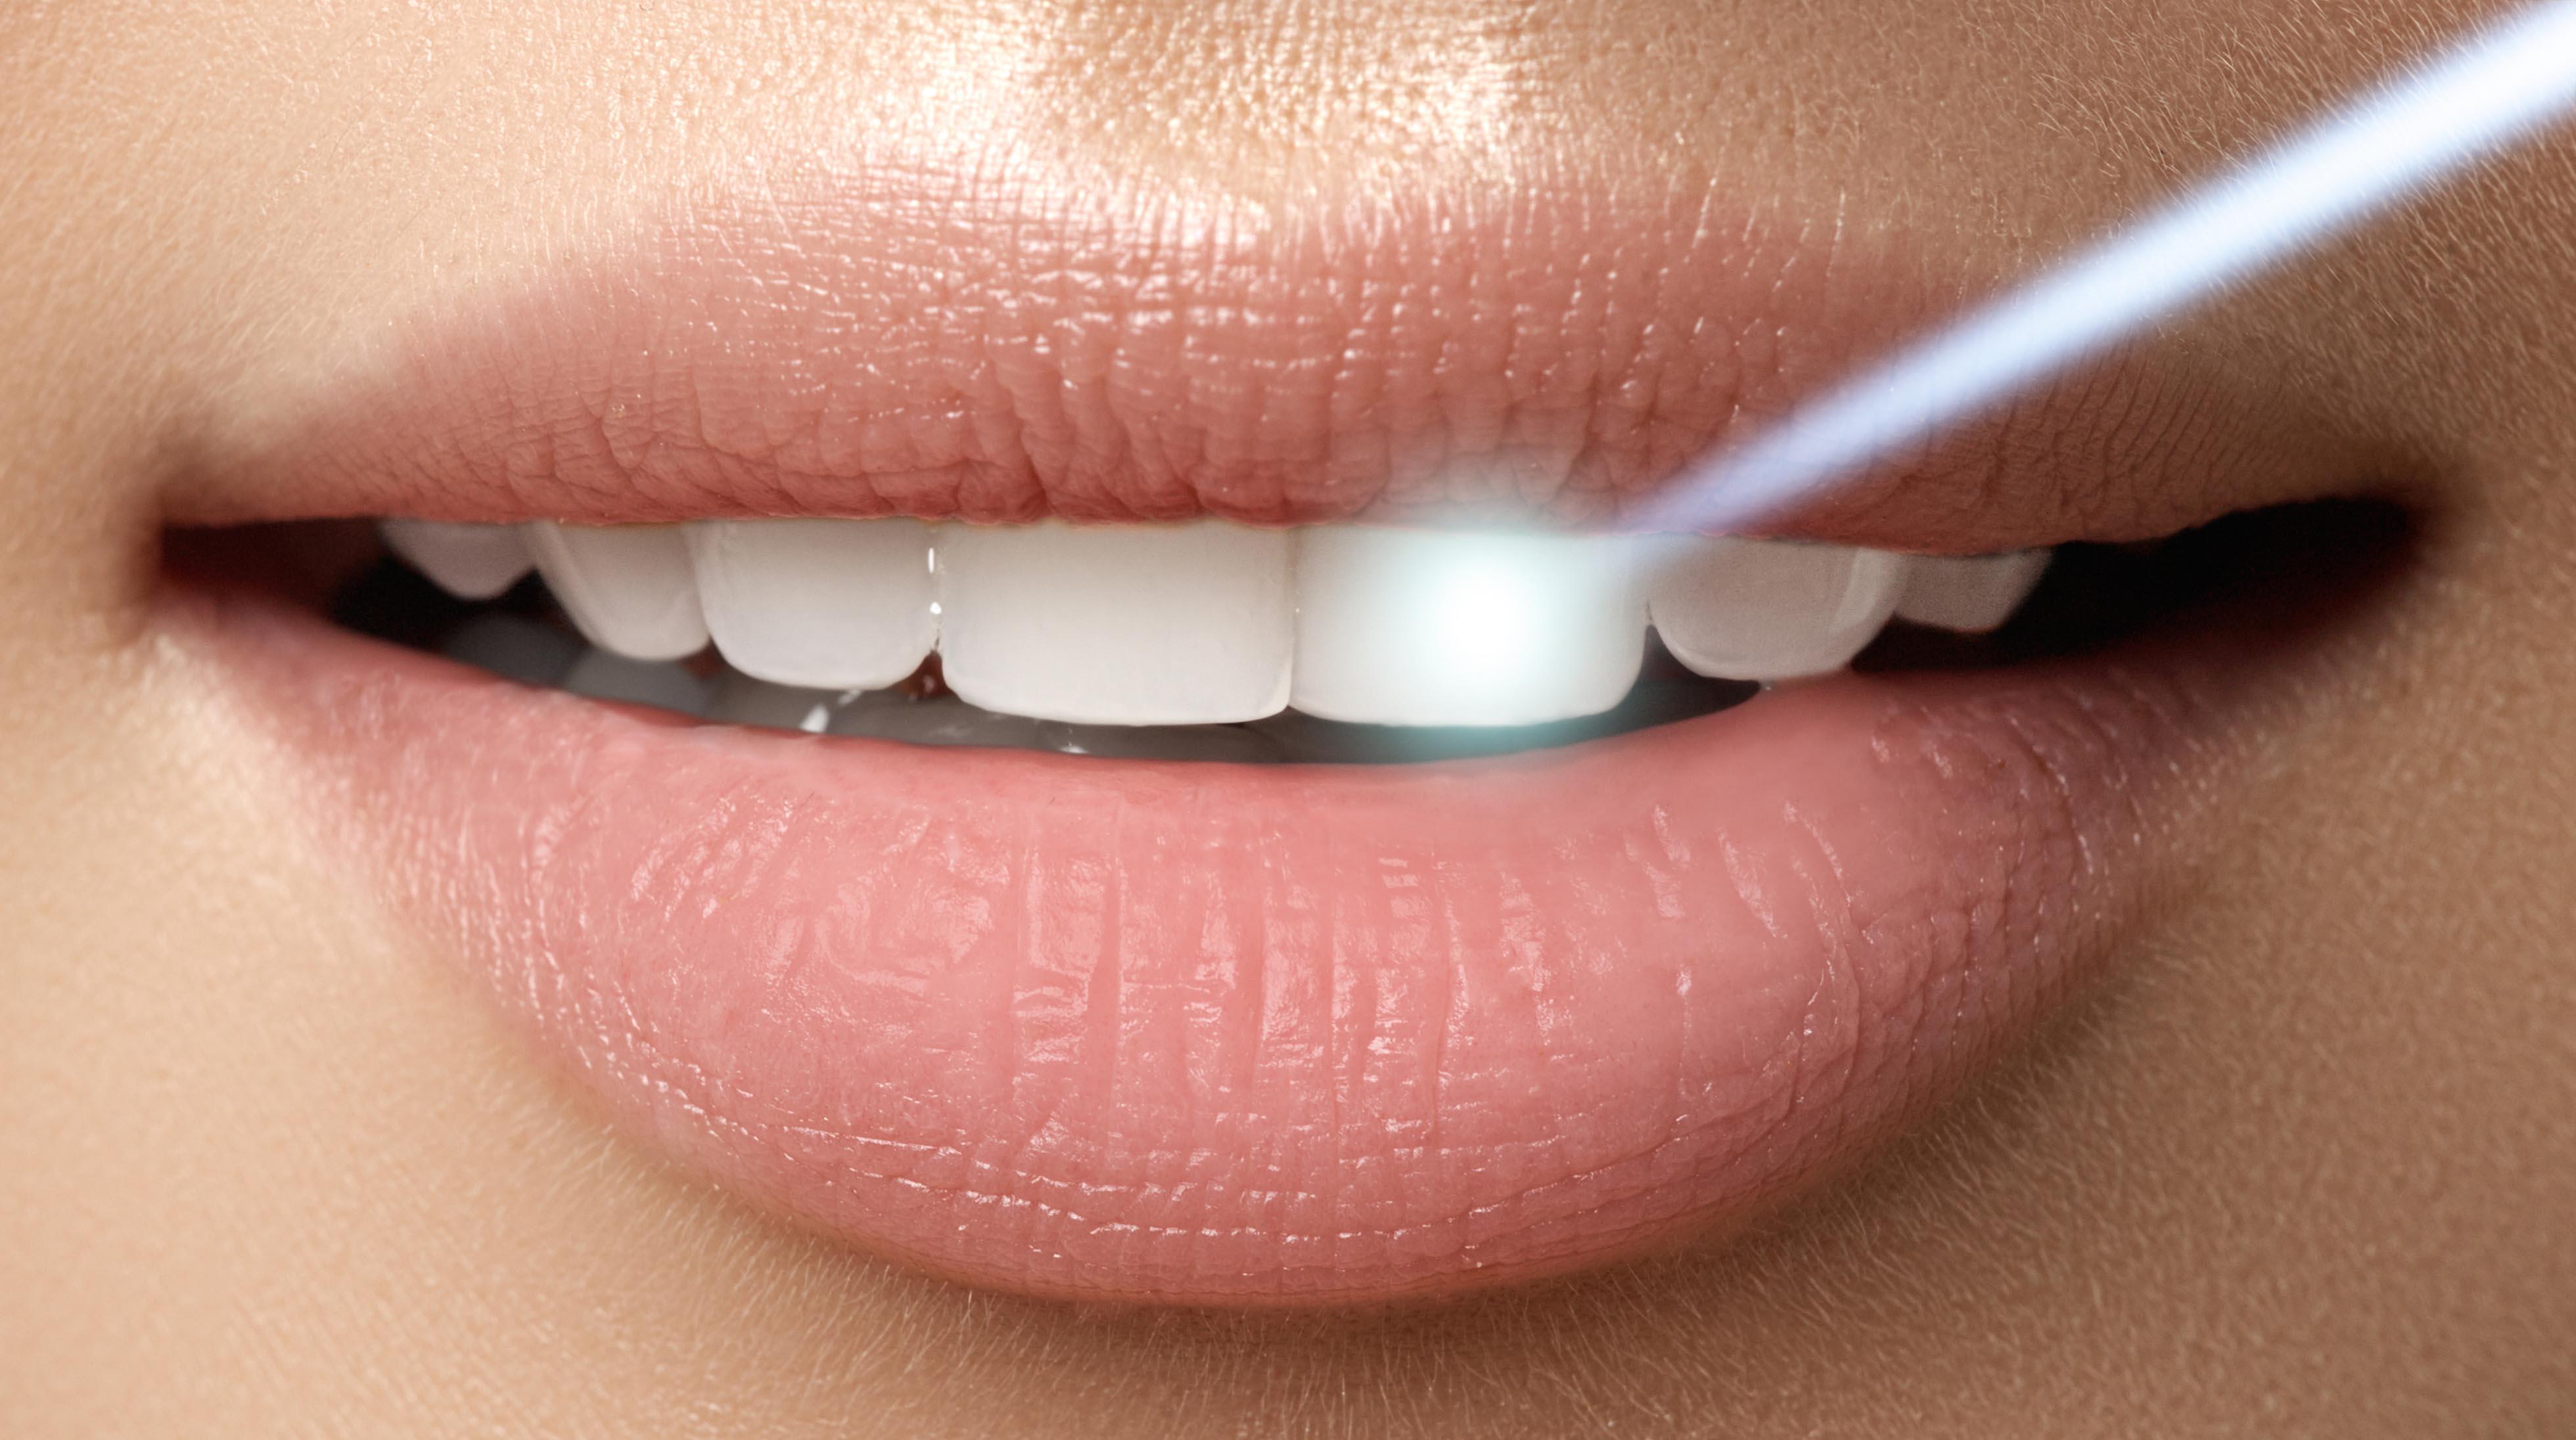 سفید کردن دندان در خانه سفید کردن دندان بلیچینگ دندان در خانه بلیچینگ در منزل